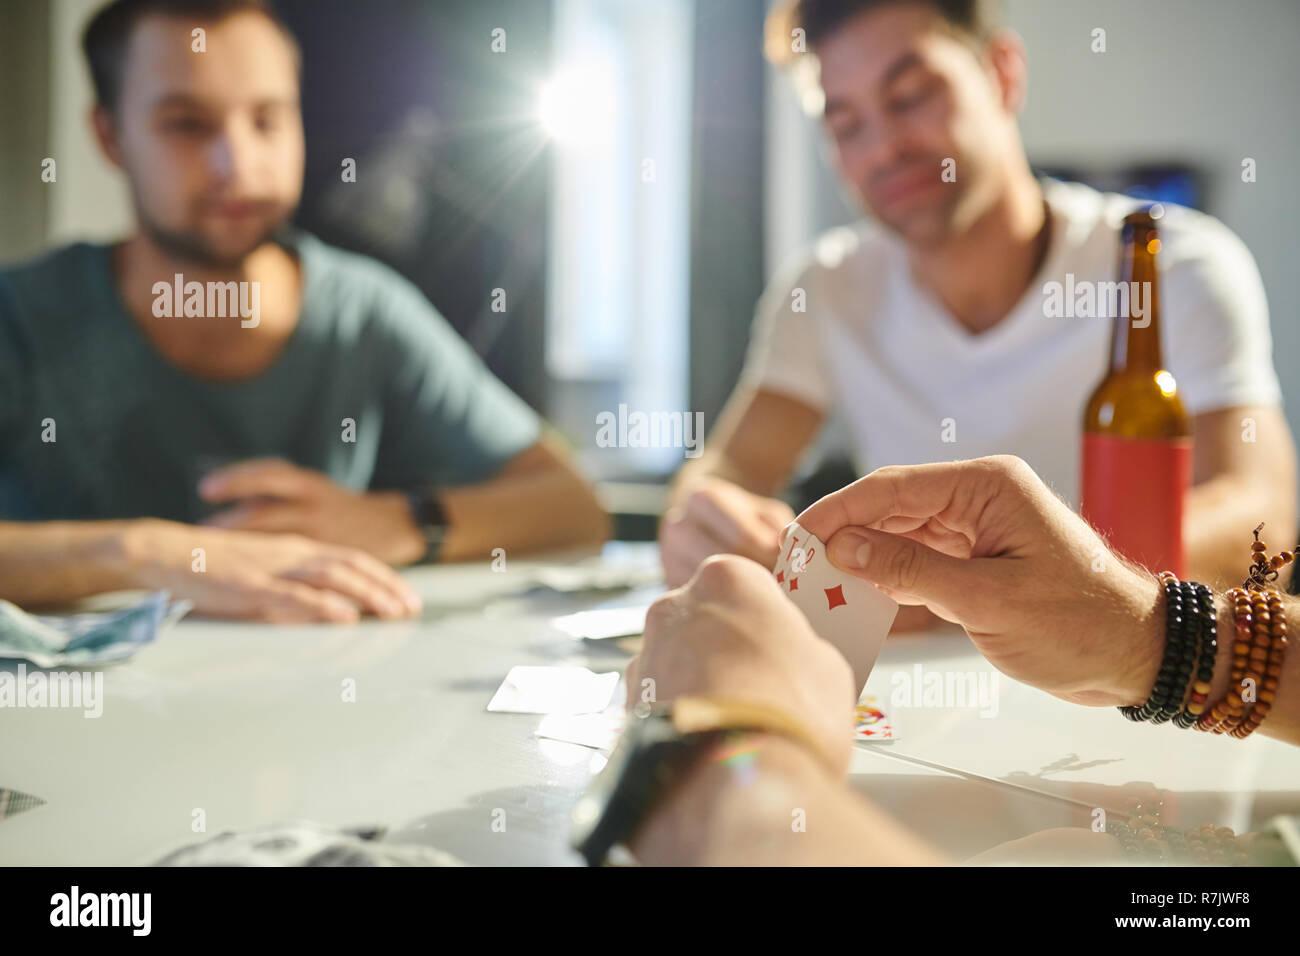 Nahaufnahme der männlichen Händen hält zwei Trümpfe beim Spielen in Karten mit seinen Freunden am Tisch Stockfoto